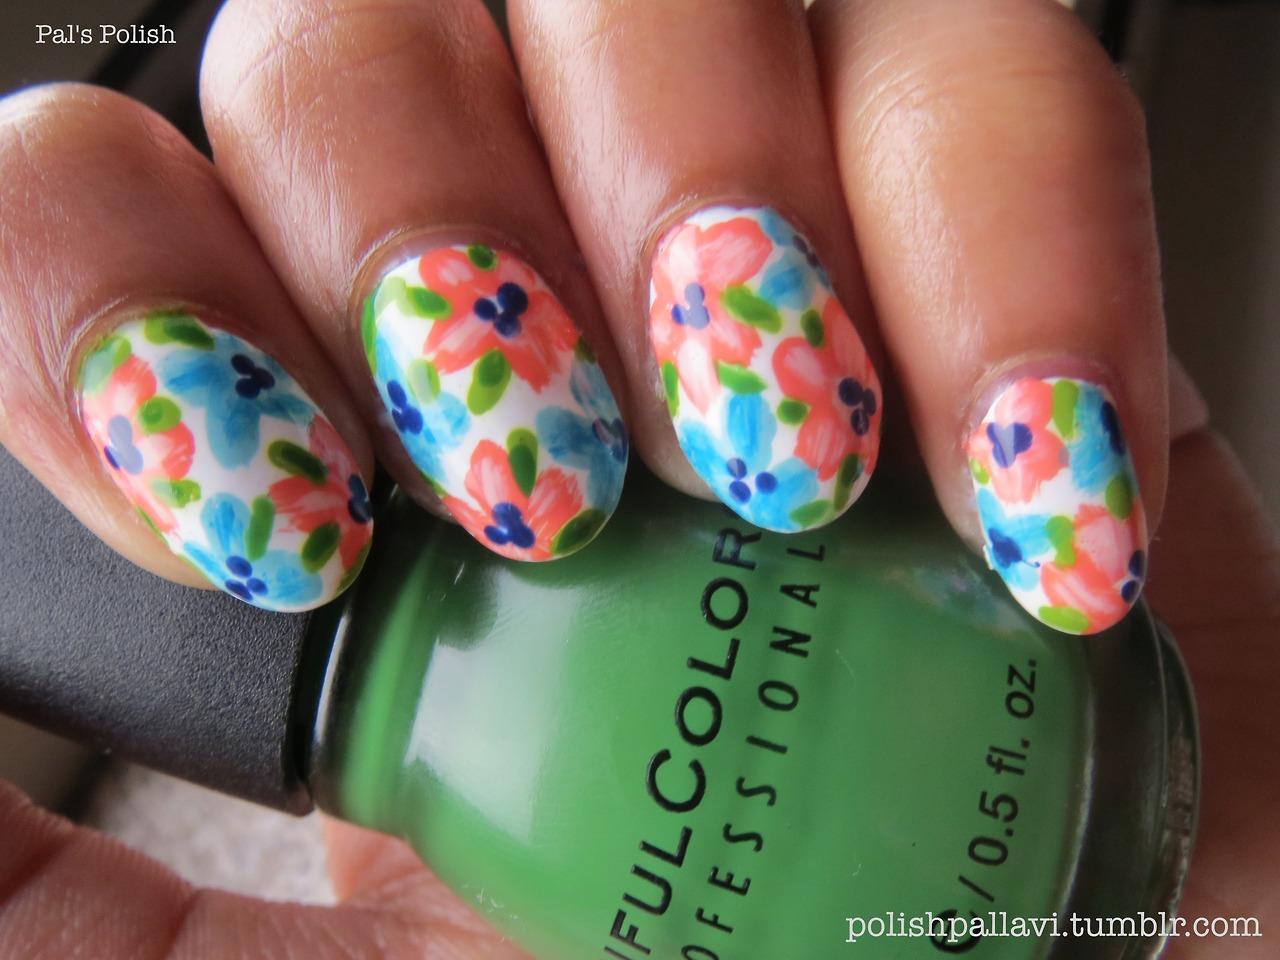 nails polish floral print